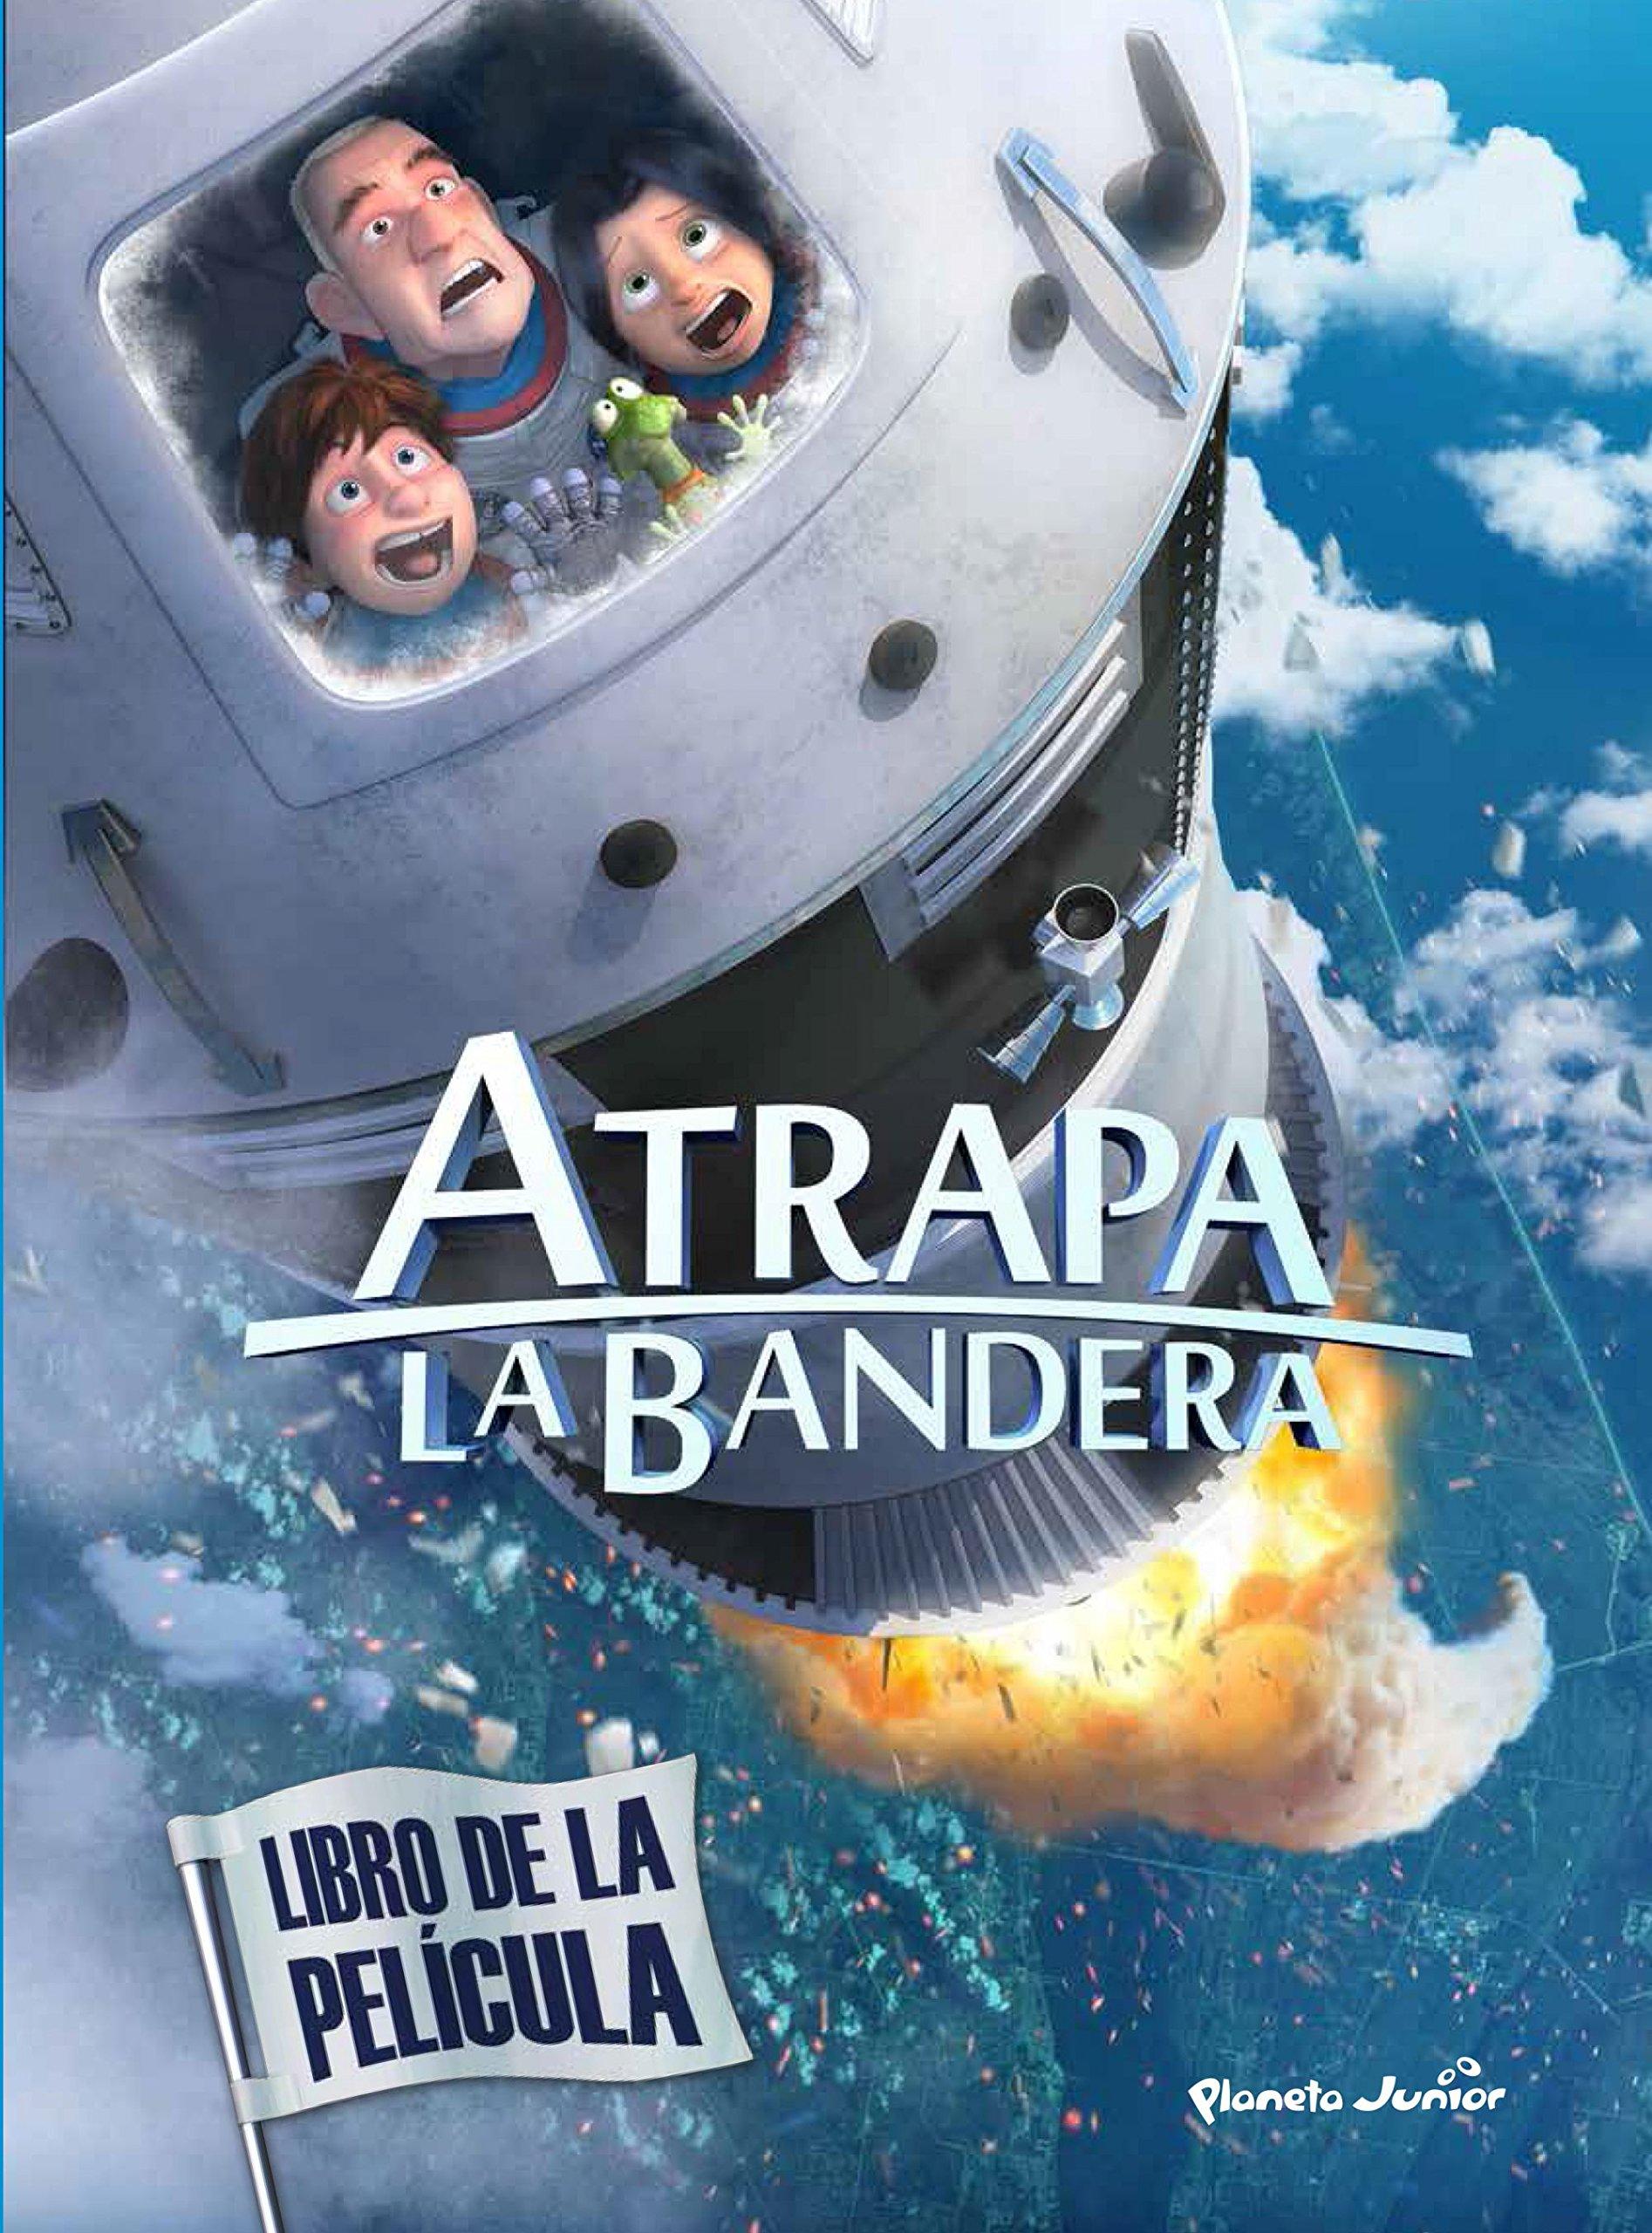 Atrapa la bandera. Libro de la película: Amazon.es: Mediaset España Comunicación: Libros